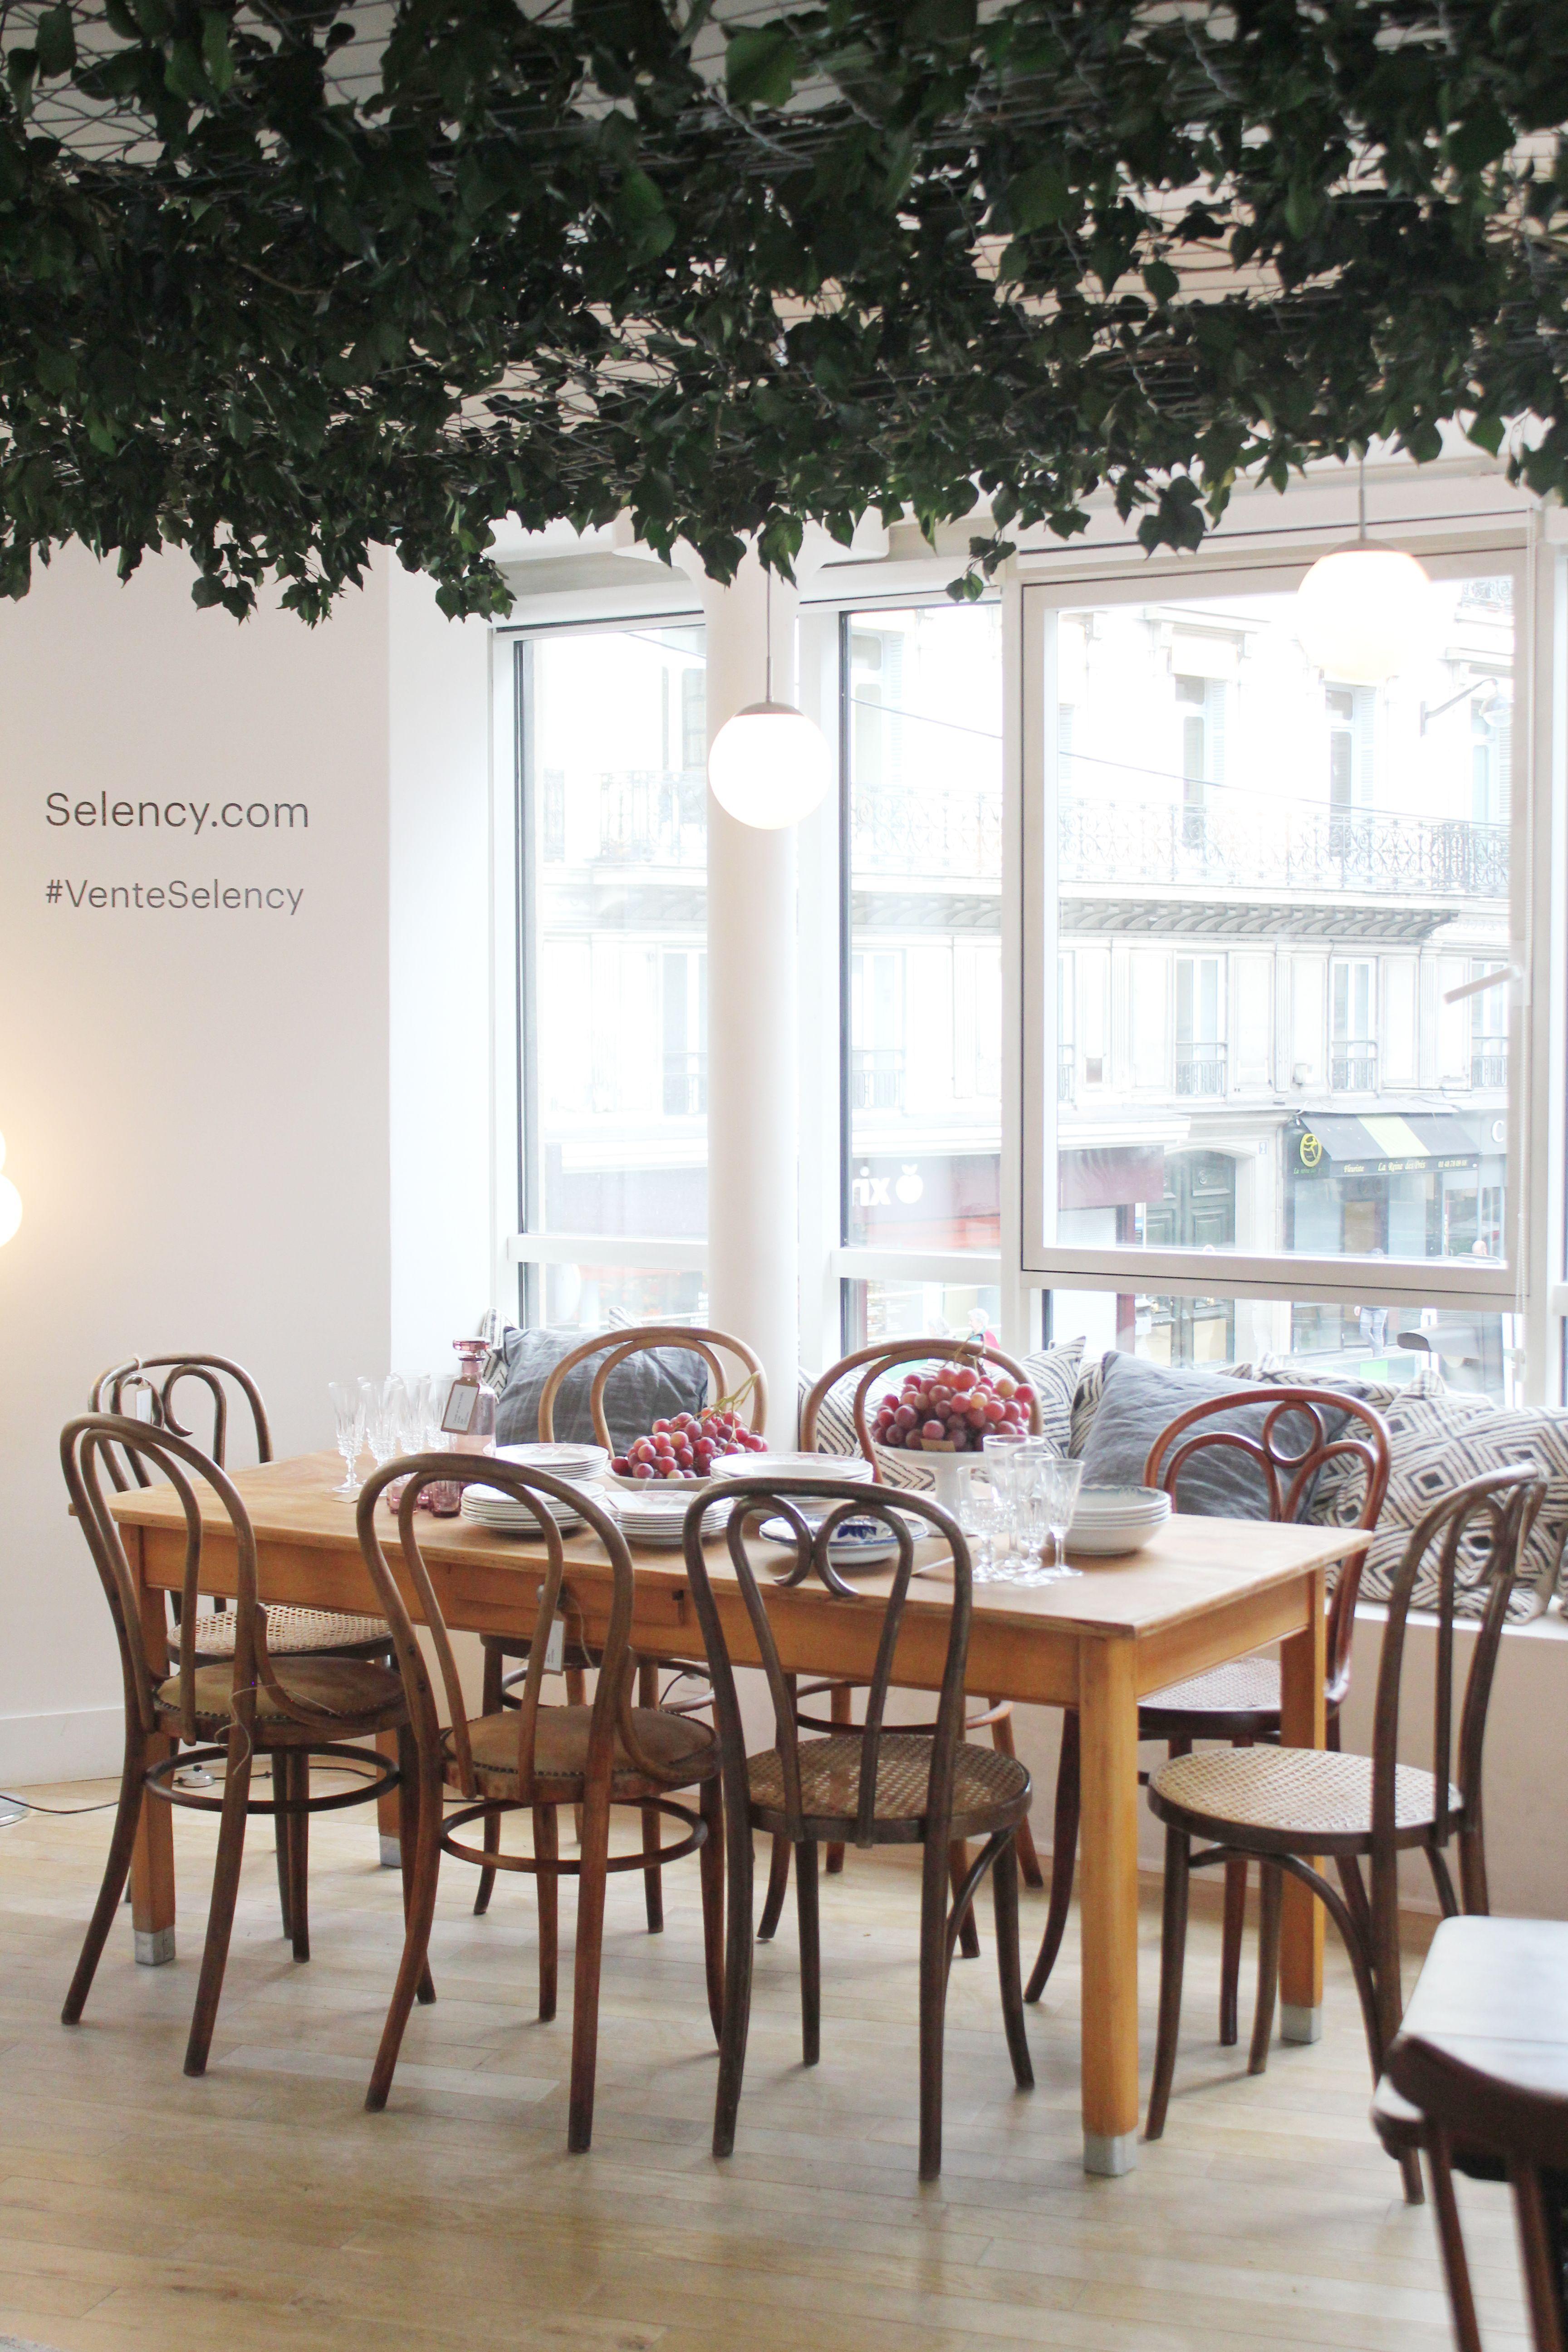 Brocante En Ligne Selency salle à manger, pop up le temps des vendanges, table de